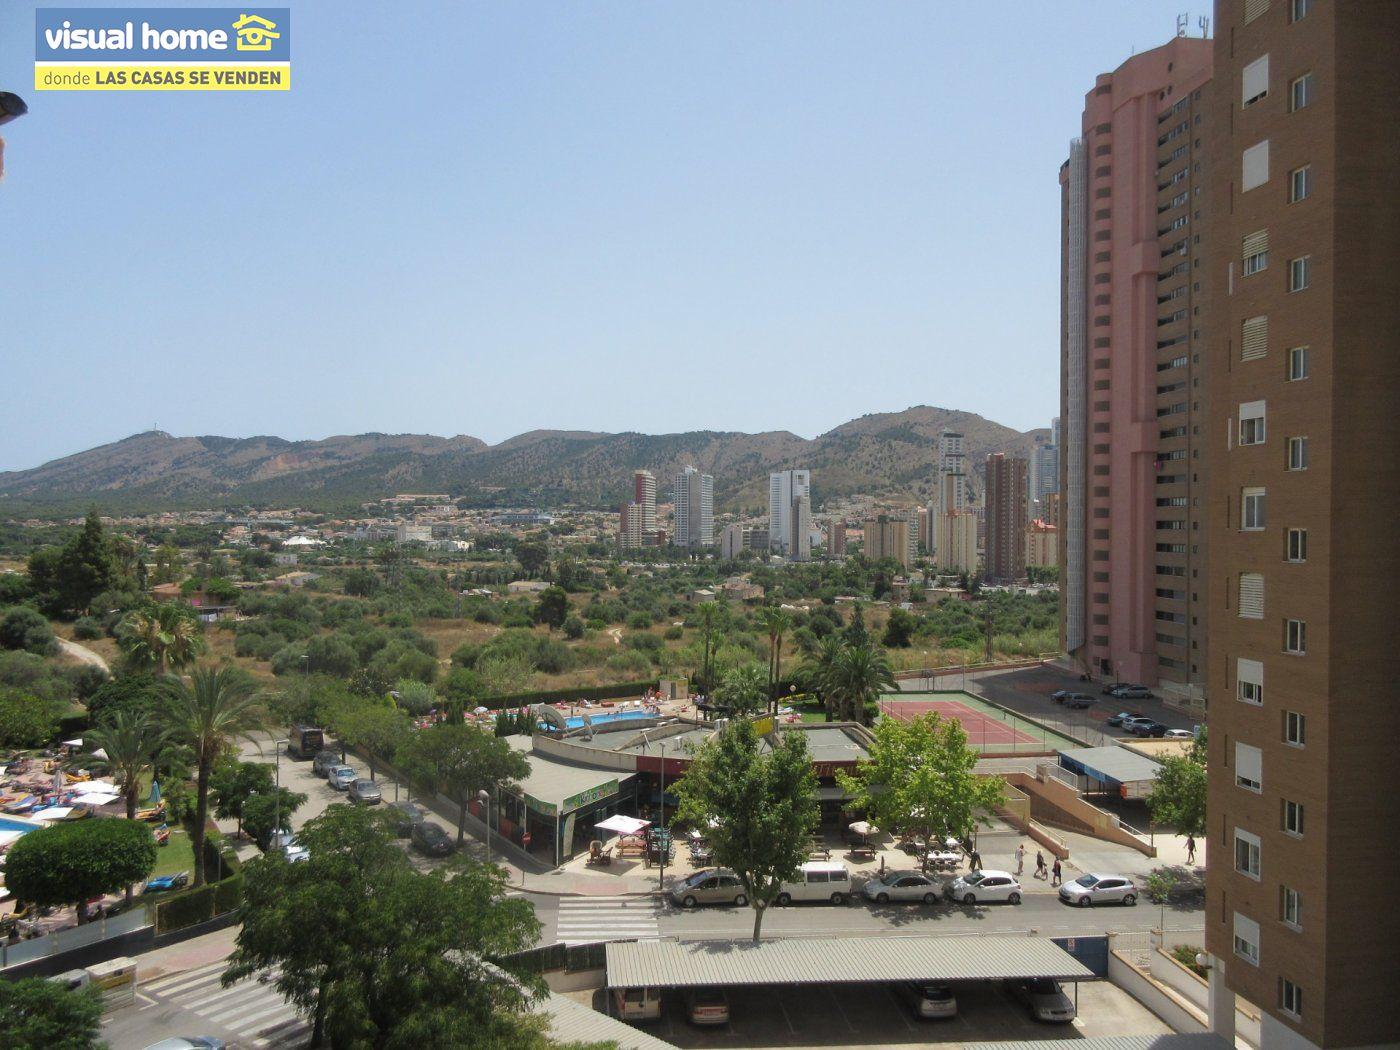 ¡¡¡ Oportunidad !!! Apartamento zona Levante de un dormitorio con parking y piscina 1